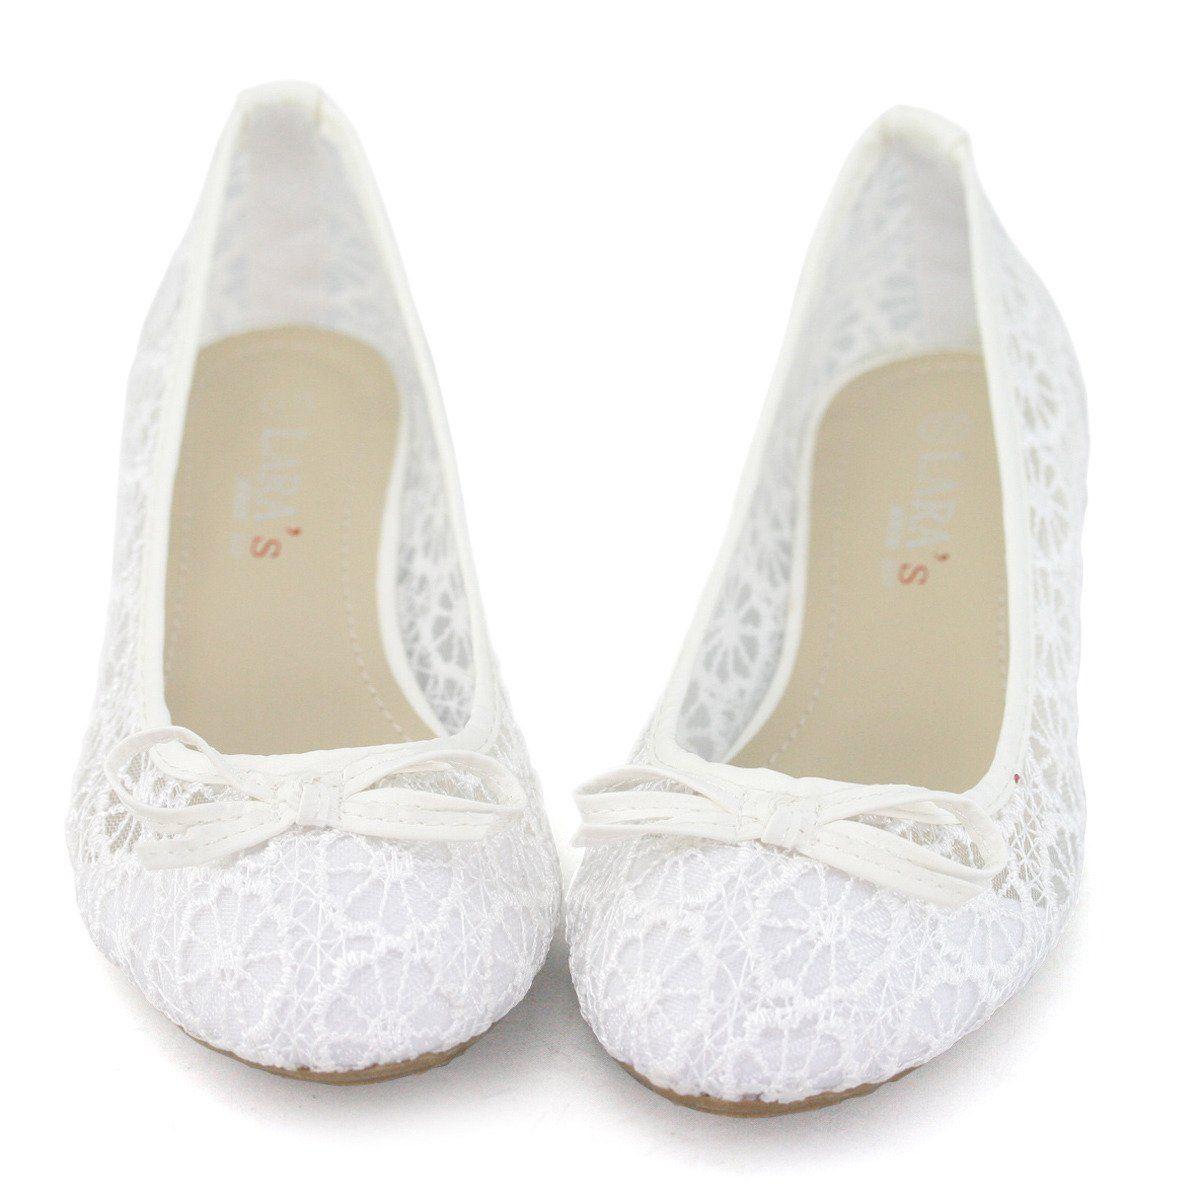 Shoezy Womens Fl Lace Ballet Flats Wedding Breathable Shoes